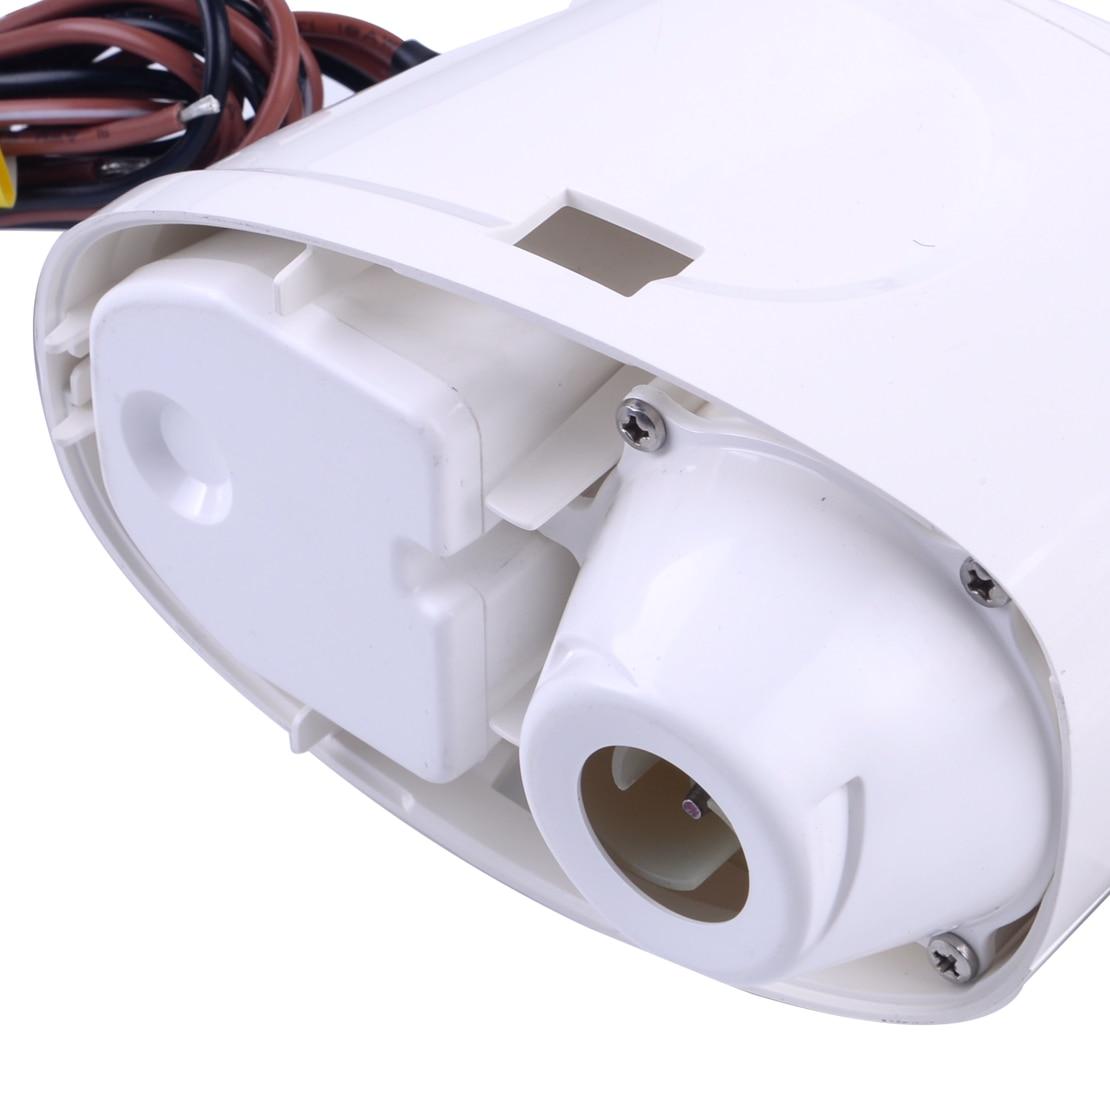 Pompe à eau automatique Submersible automatique de cale de CITALL 12 V 1100GPH 3.2A avec le commutateur de flotteur pour les coques marines de bateau/réservoirs d'appât de cale - 4